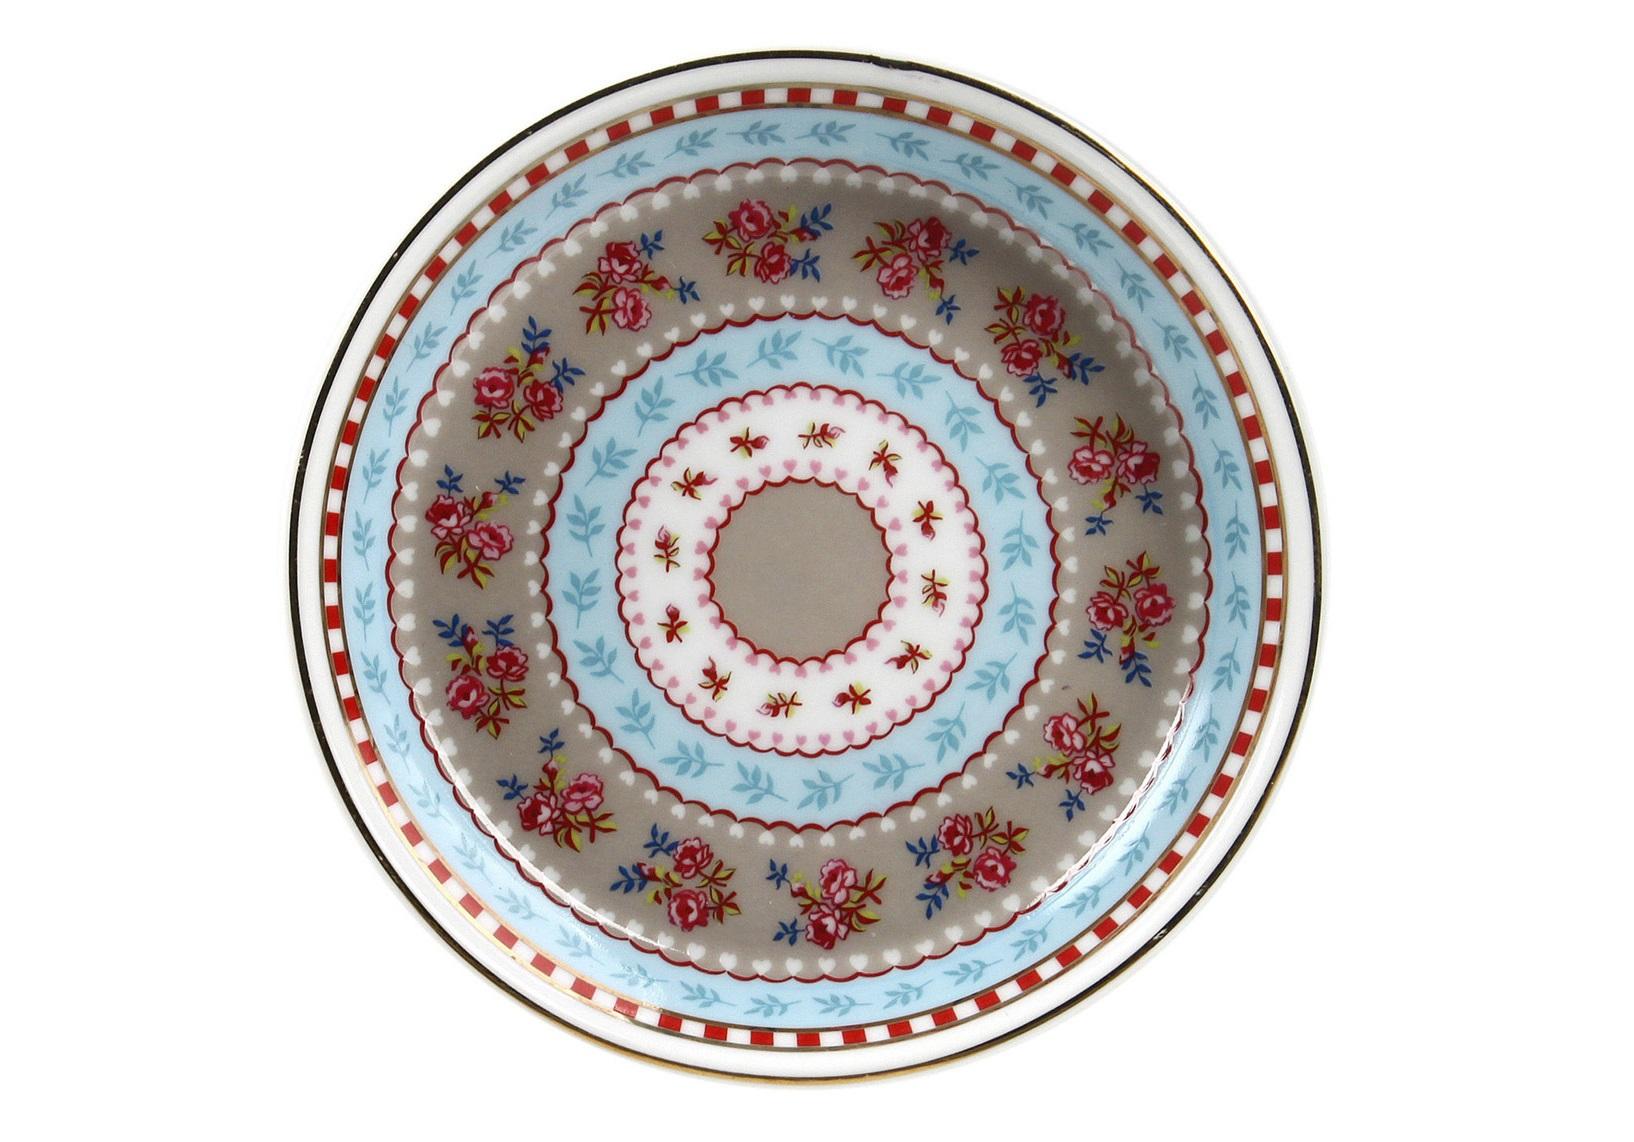 Набор маленьких блюдец Floral (4шт)Чайные пары, чашки и кружки<br>Коллекция посуды Floral появилась в 2008 г. и состоит из нескольких дизайнов, которые прекрасно сочетаются между собой и отлично дополняют друг друга. Особенность коллекции - в декорировании цветами, птицами и позолотой на всех предметах. Коллекция состоит из трёх цветовых групп - розовой, хаки и голубой, которые можно бесконечно комбинировать между собой. Коллекция также включает в себя кухонный текстиль и стекло.&amp;lt;div&amp;gt;&amp;lt;br&amp;gt;&amp;lt;/div&amp;gt;&amp;lt;div&amp;gt;&amp;lt;span style=&amp;quot;font-size: 14px;&amp;quot;&amp;gt;Не использовать в микроволновой печи. Не рекомендуется мыть в посудомоечной машине.&amp;amp;nbsp;&amp;lt;/span&amp;gt;&amp;lt;br&amp;gt;&amp;lt;/div&amp;gt;<br><br>Material: Фарфор<br>Height см: 1.2<br>Diameter см: 9.5